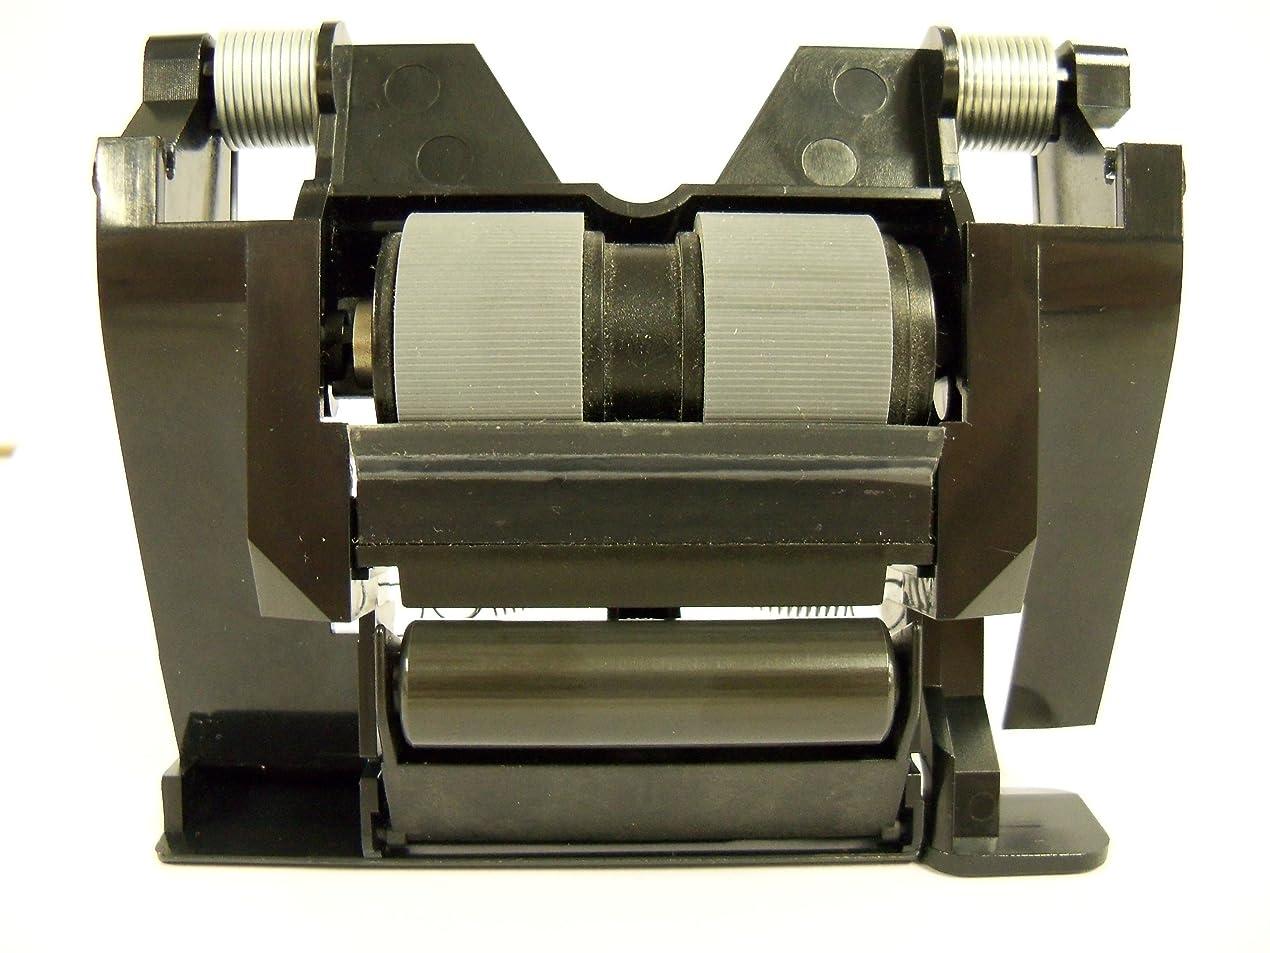 最小化する発信ウッズ消耗品 セパレーションモジュール i2400用 内容:1個